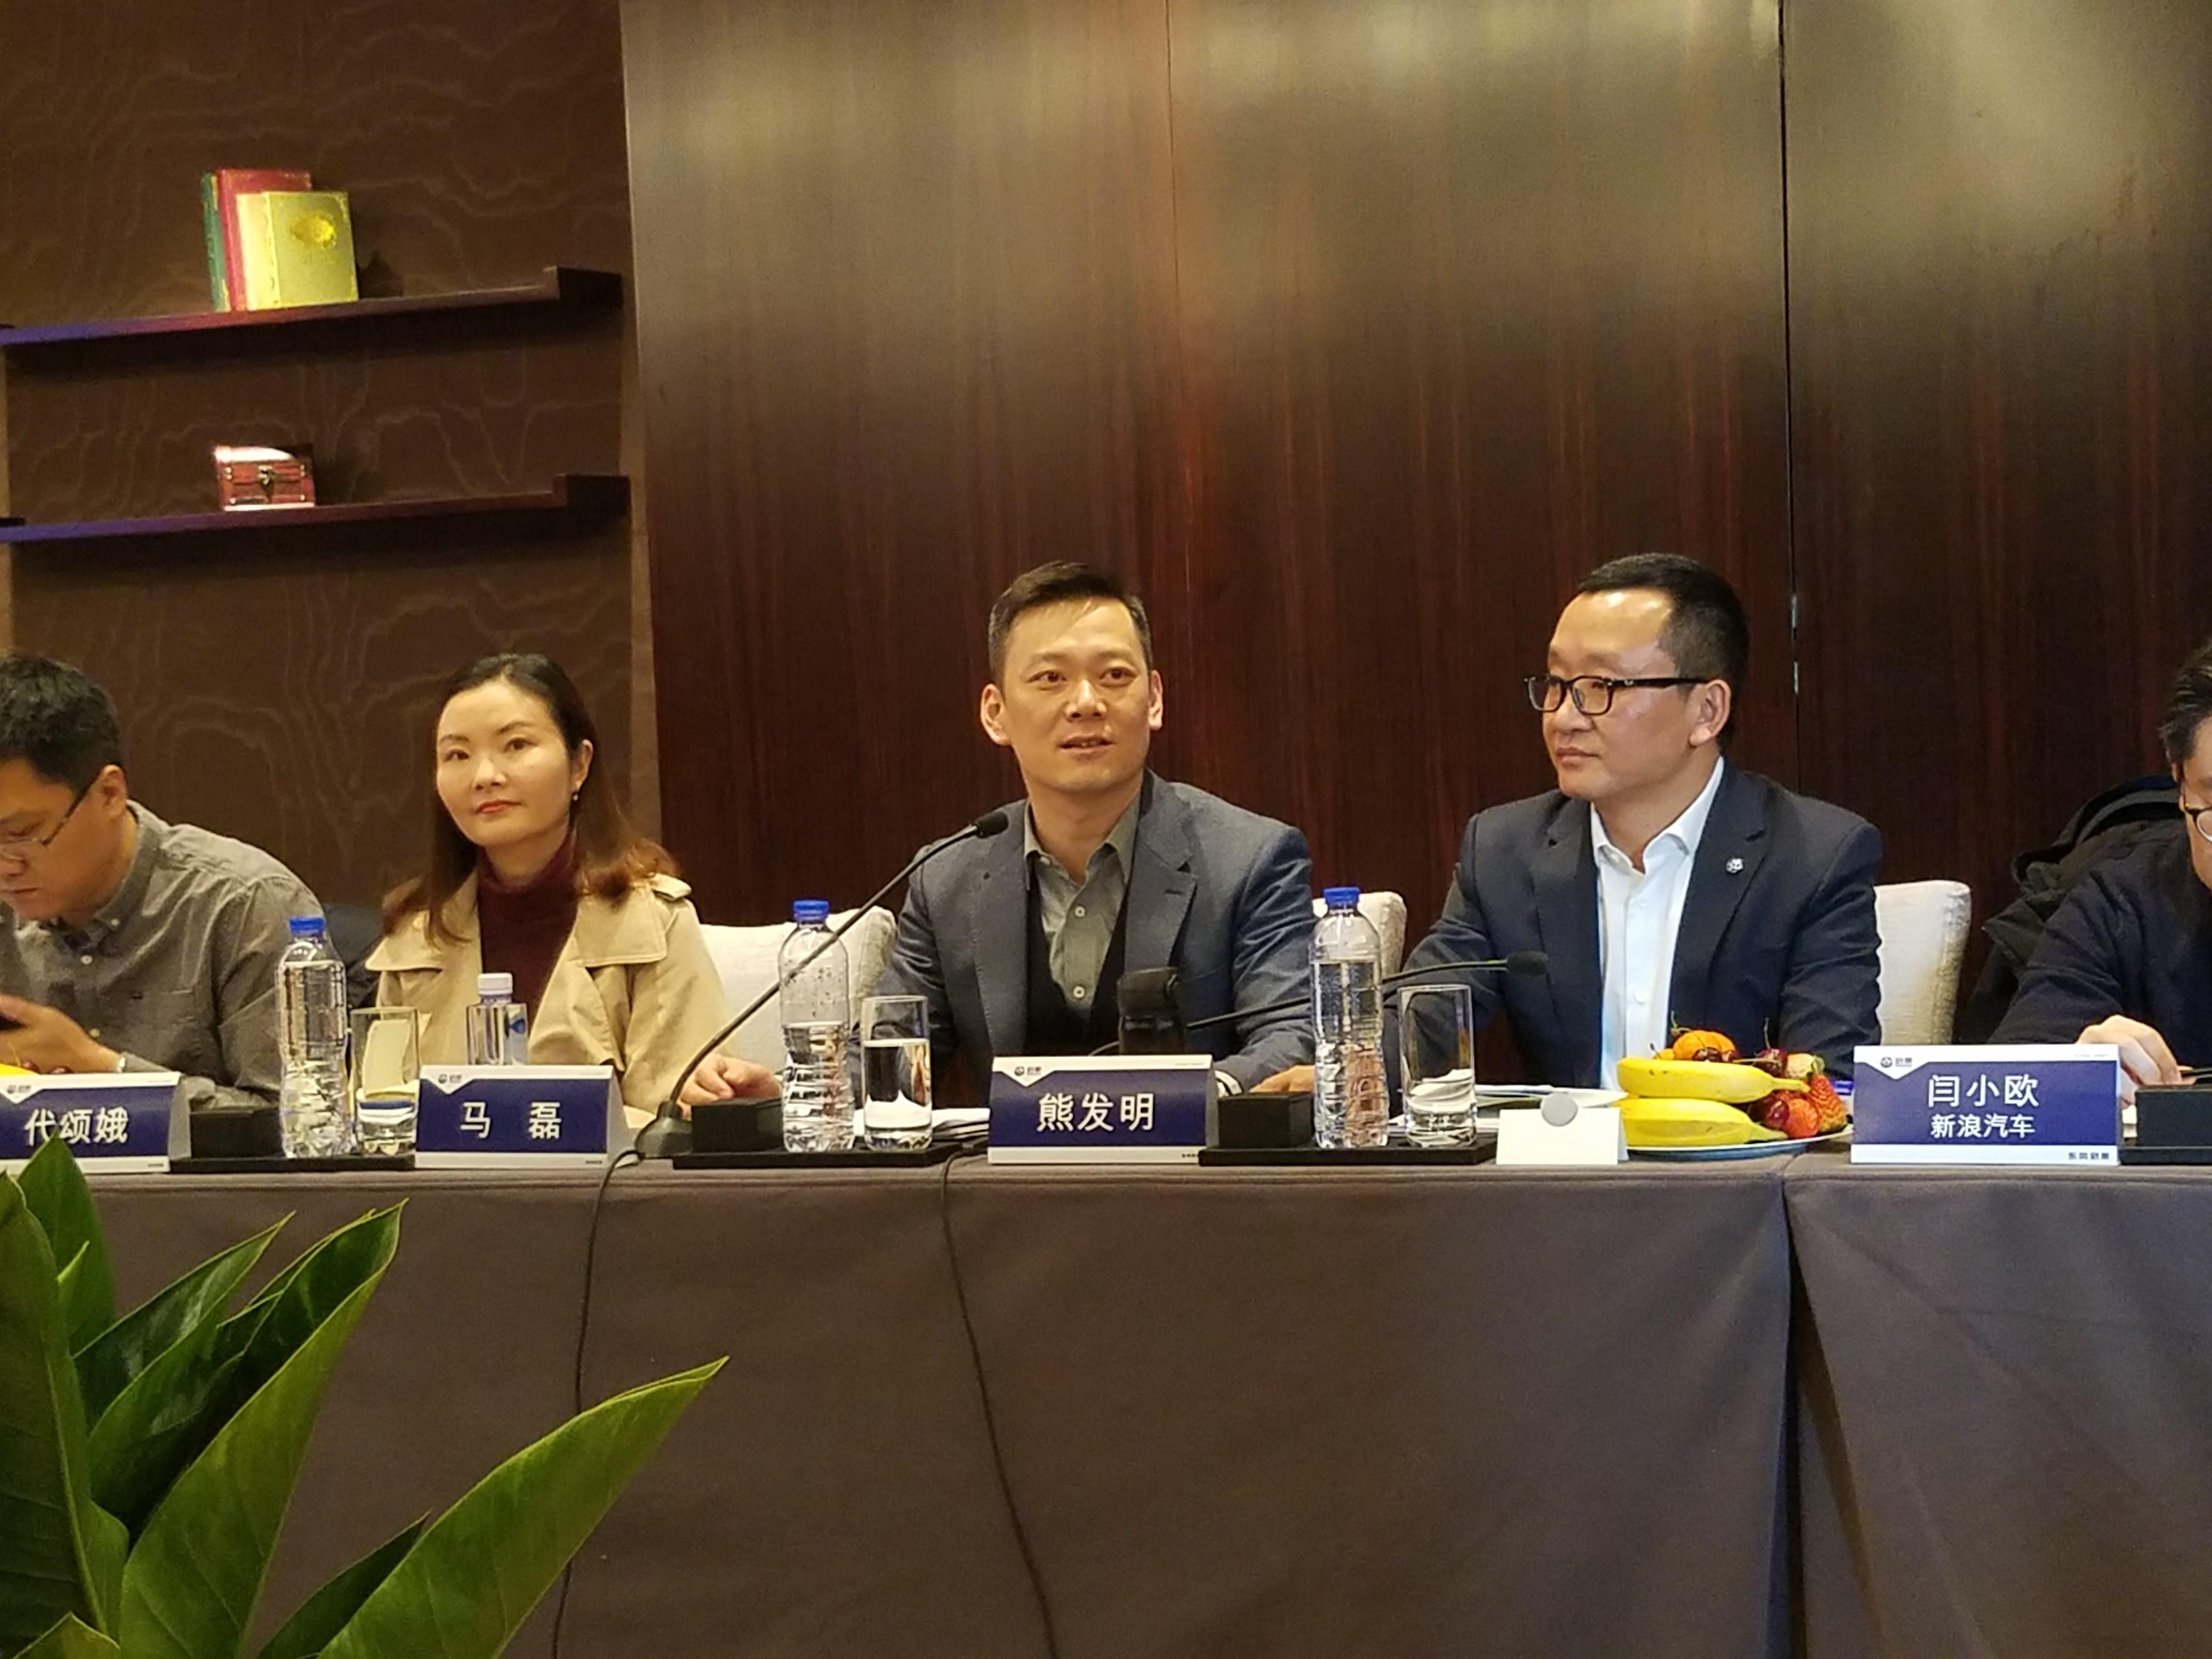 东风启辰:2018年目标跨越20万辆